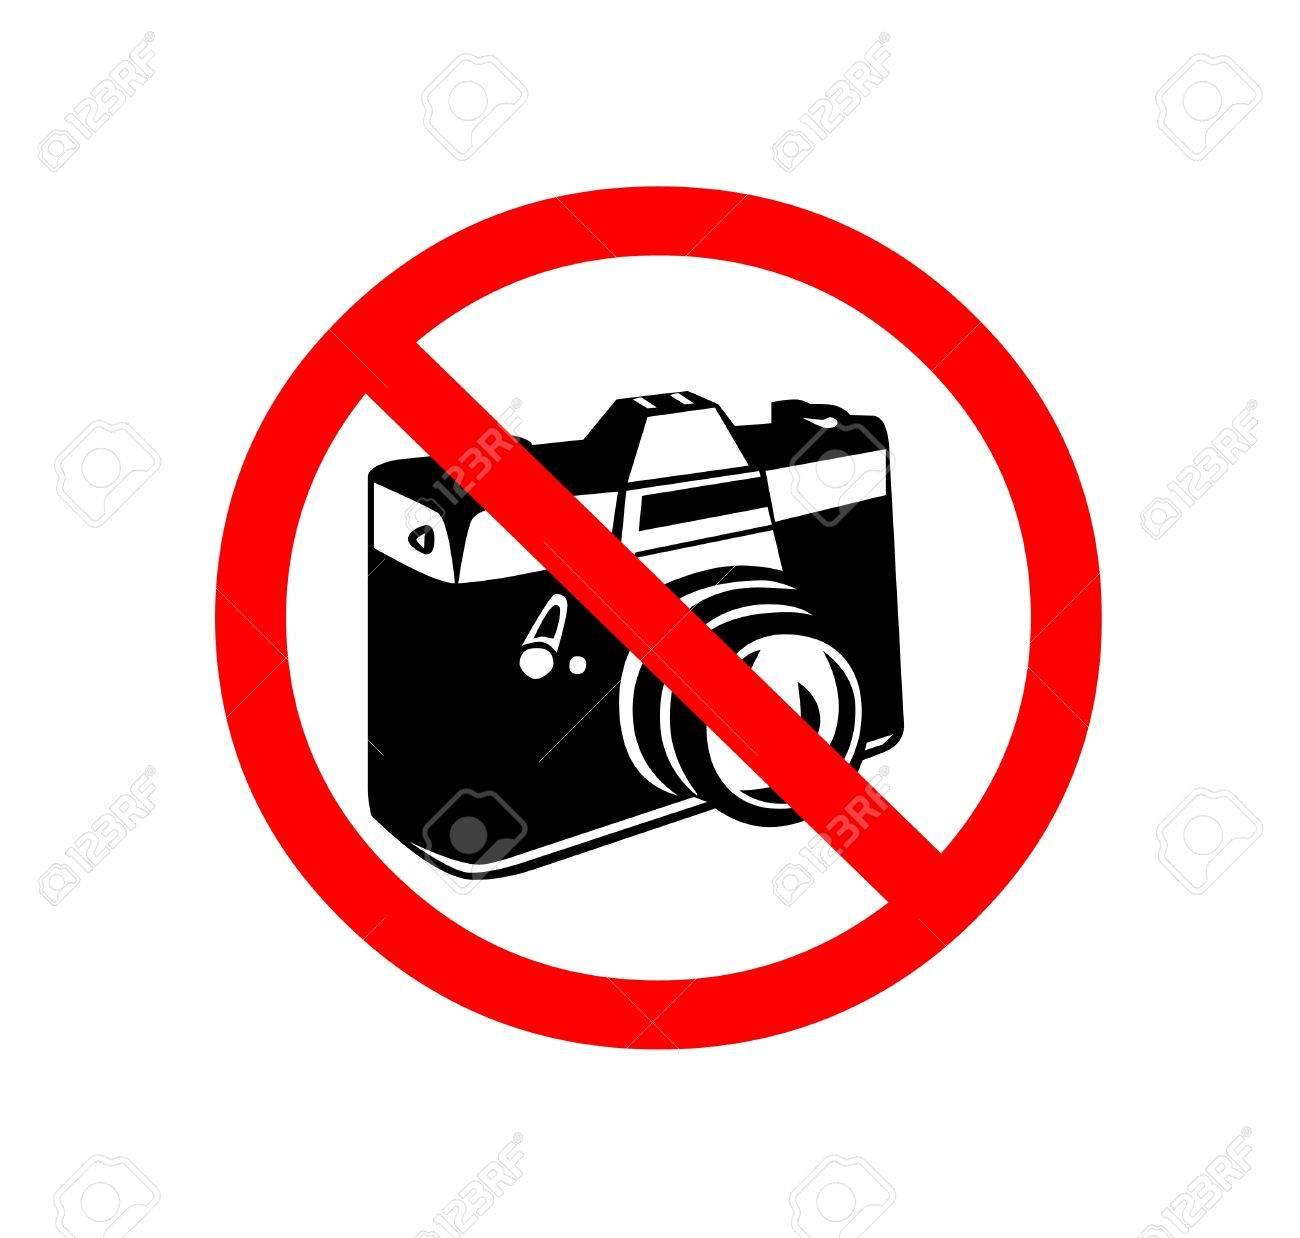 No photo camera shiny sign Stock Photo - 11328507